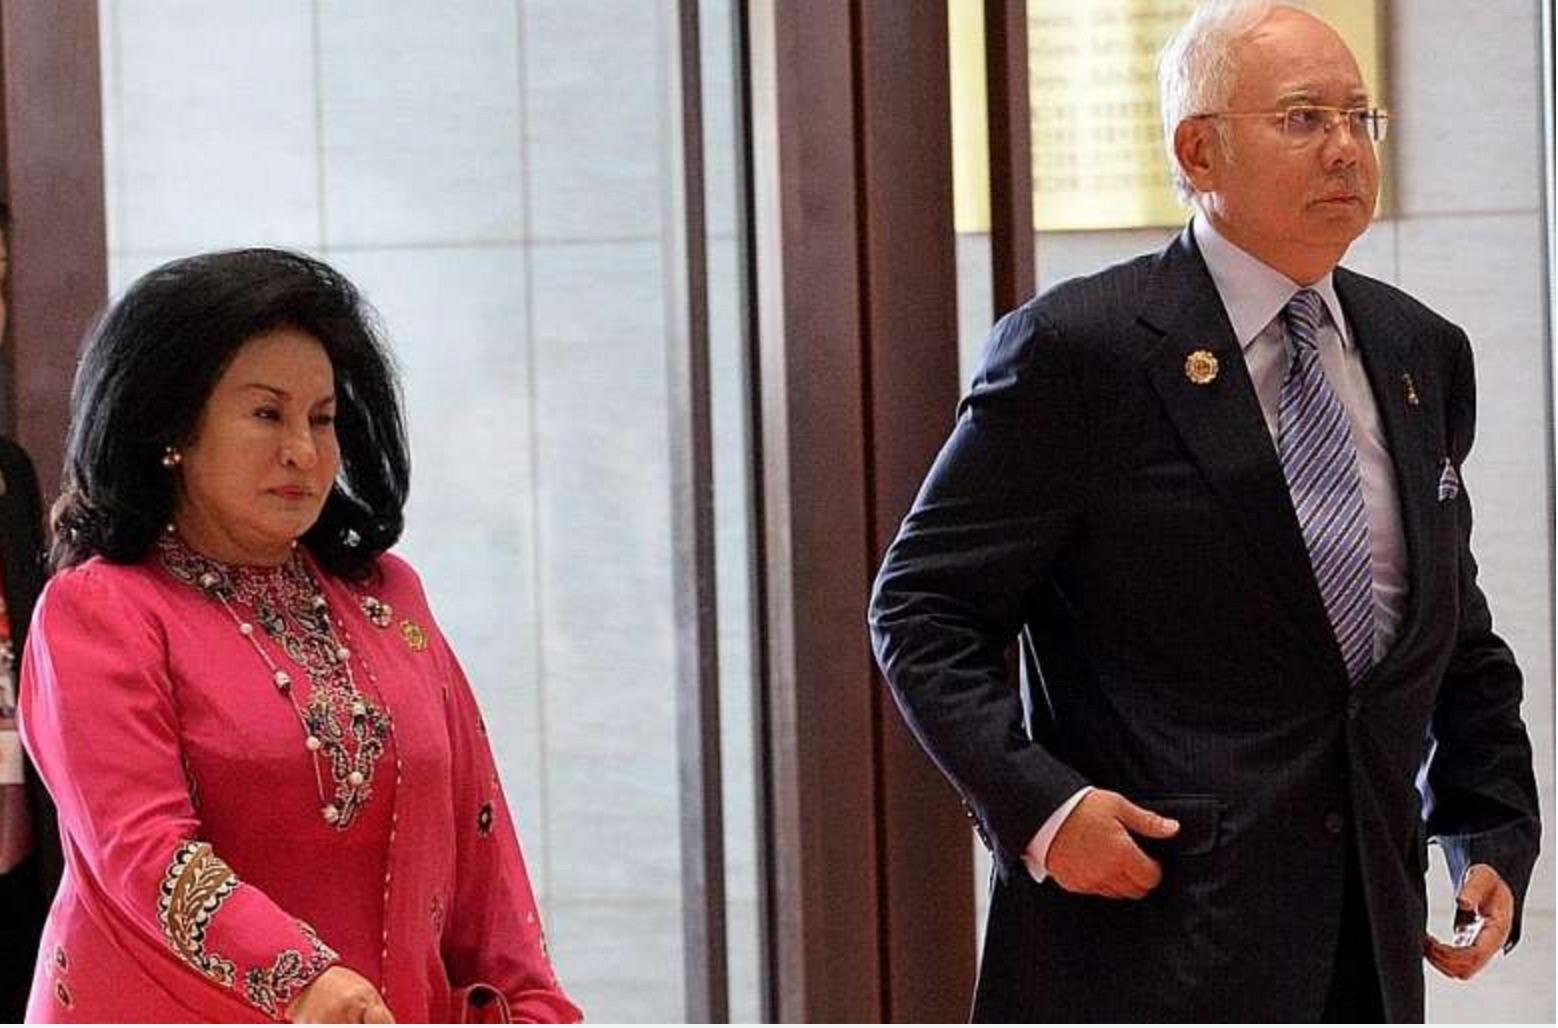 Le Premier ministre malaisien est mis en cause dans deux dossiers : l'affaire Xavier Justo et le financement d'une organisation gouvernementale, Permata, dirigée par sa femme. Copie d'écran du Straits Times, le 21 septembre 2016.